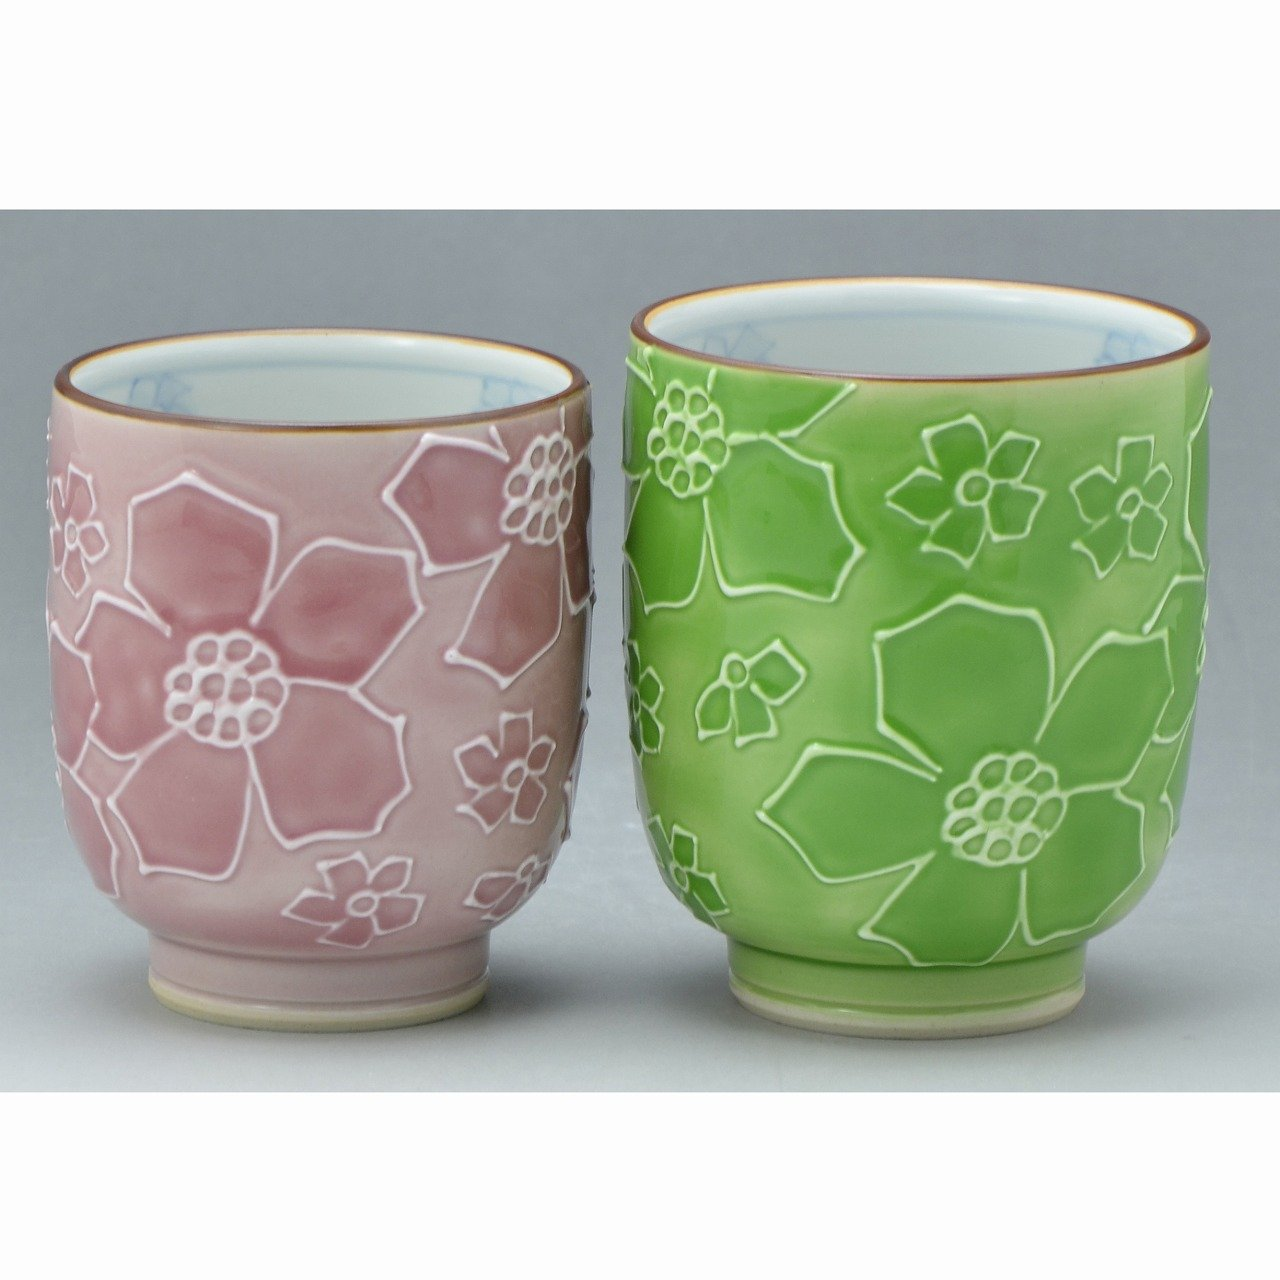 京焼清水焼 磁器 夫婦組湯呑 花いっちん(緑ピンク) 紙箱入 Kiyomizu-kyo yaki. Hana icchin green and pink Set of 2 Teacups Yunomi with paper box. Porcelain.   B0793Q1L9F